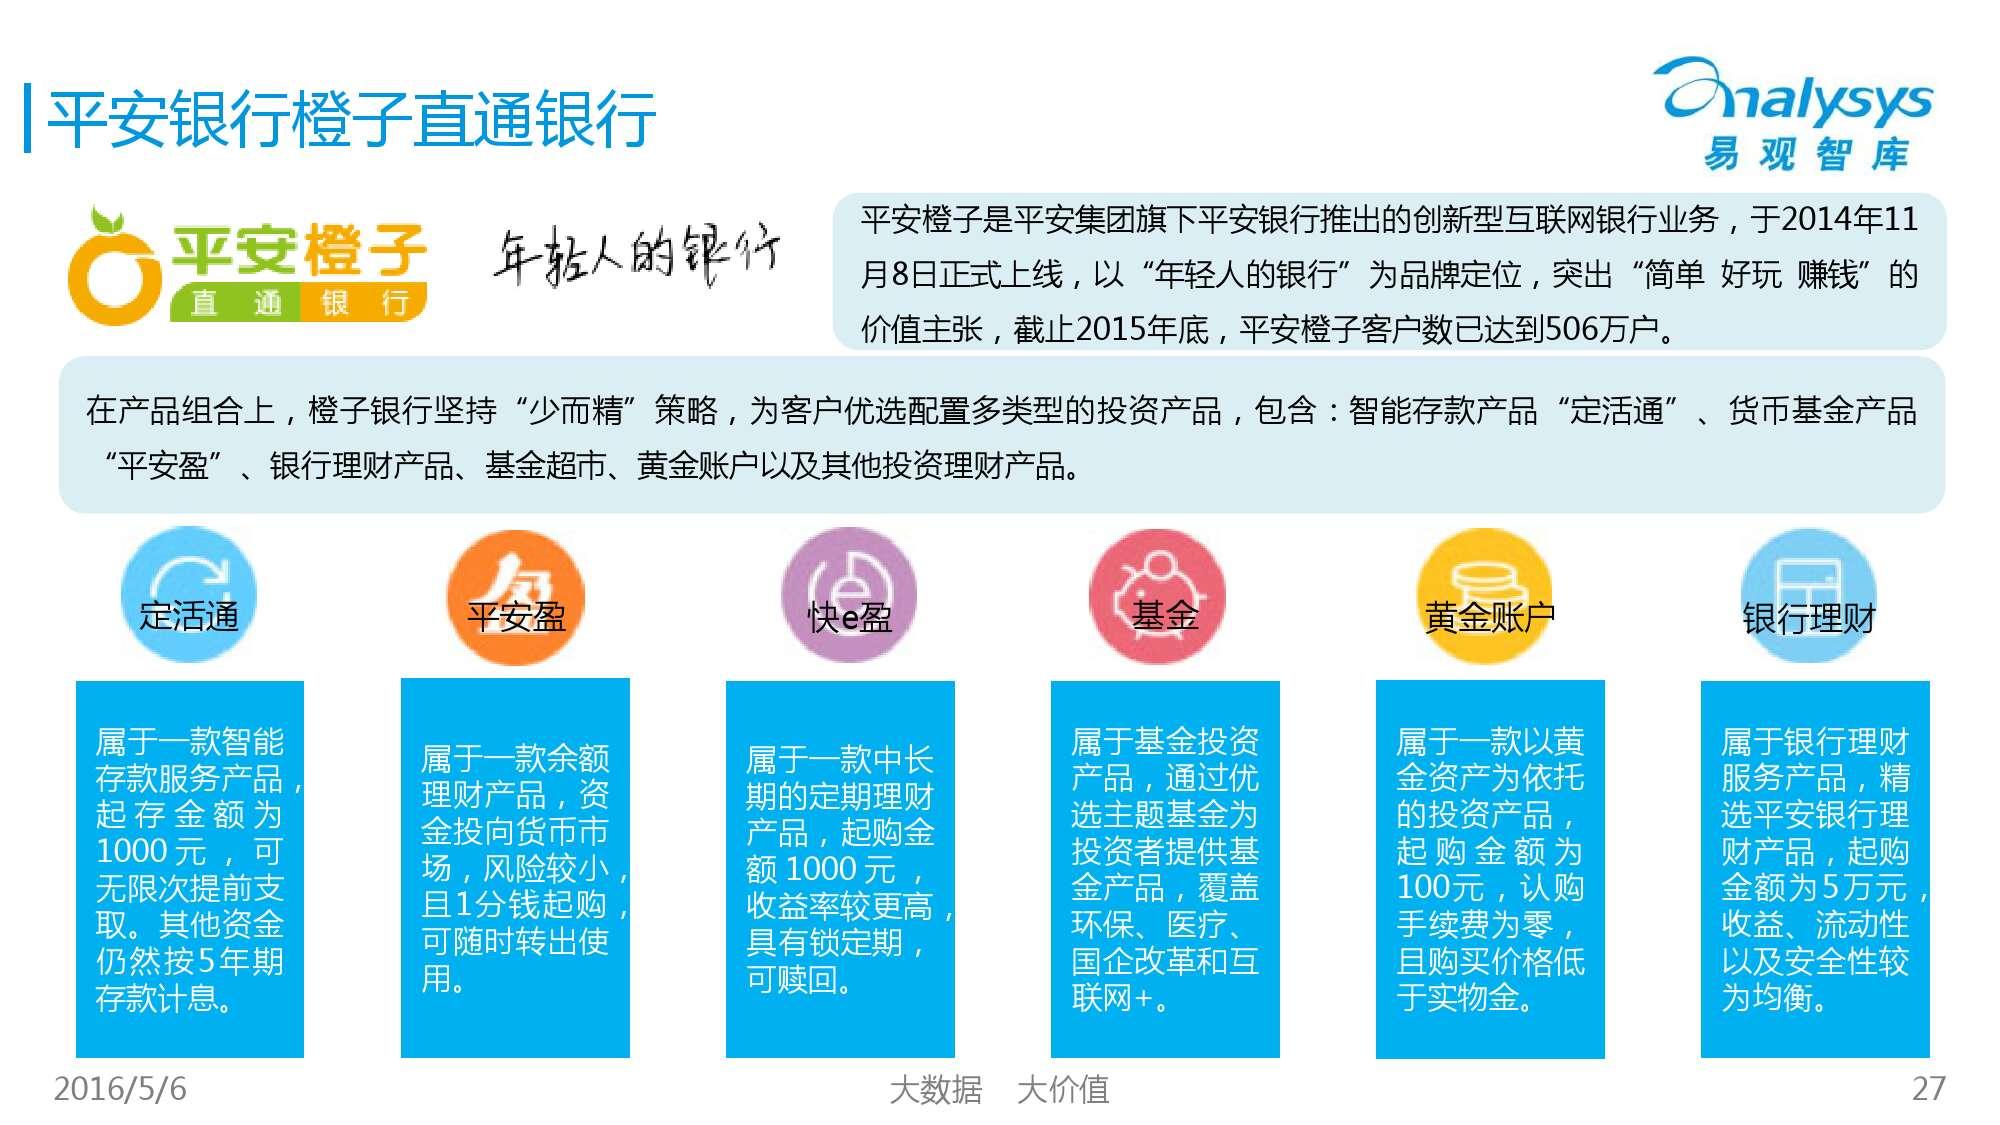 2016年中国直销银行市场专题研究报告_000027